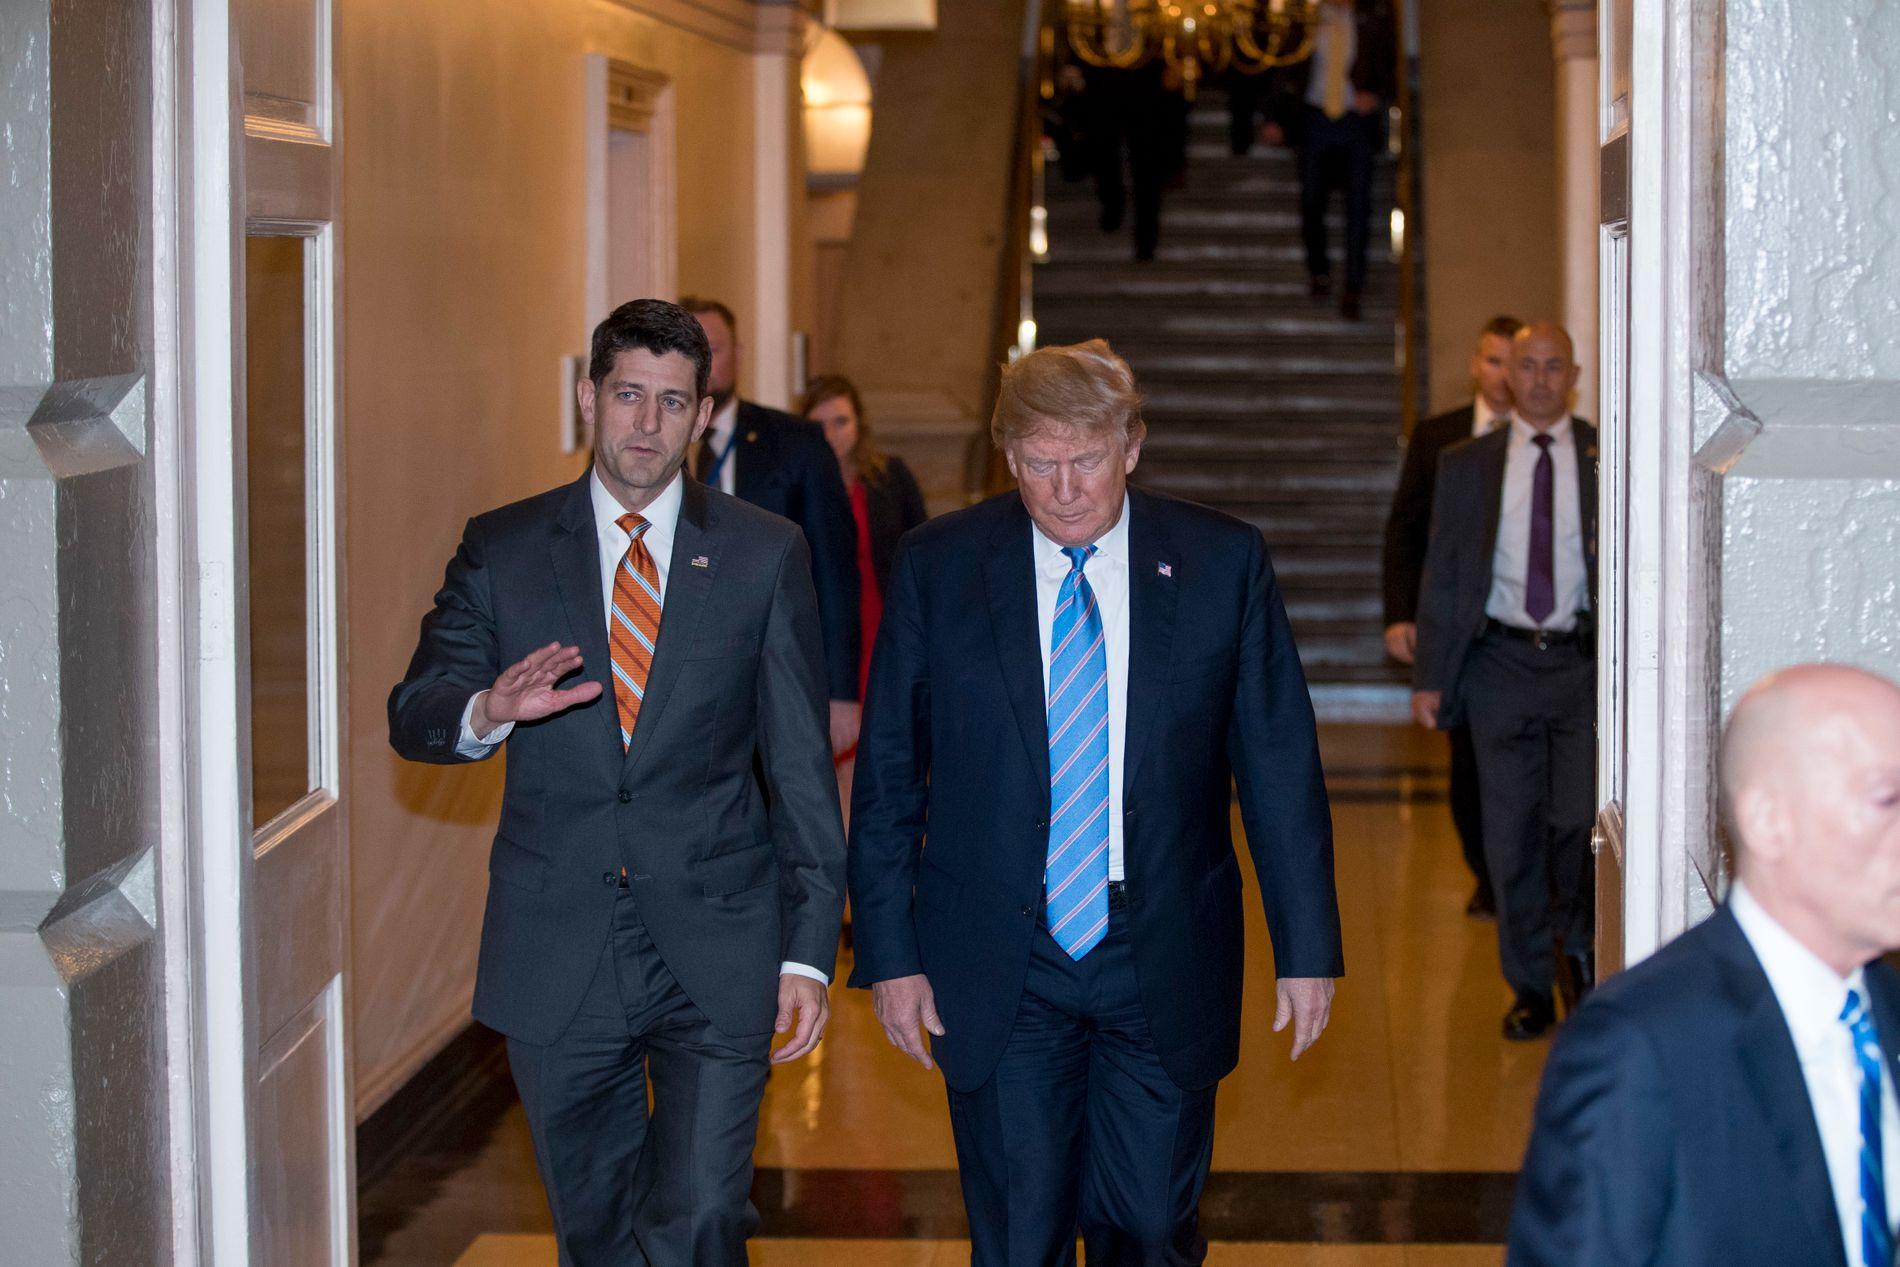 MØTE: USAs president Donald Trump på vei inn i et møte om et nytt lovforslag for asylfamilier tirsdag. Her sammen med lederen for Representantenes hus Paul Ryan.